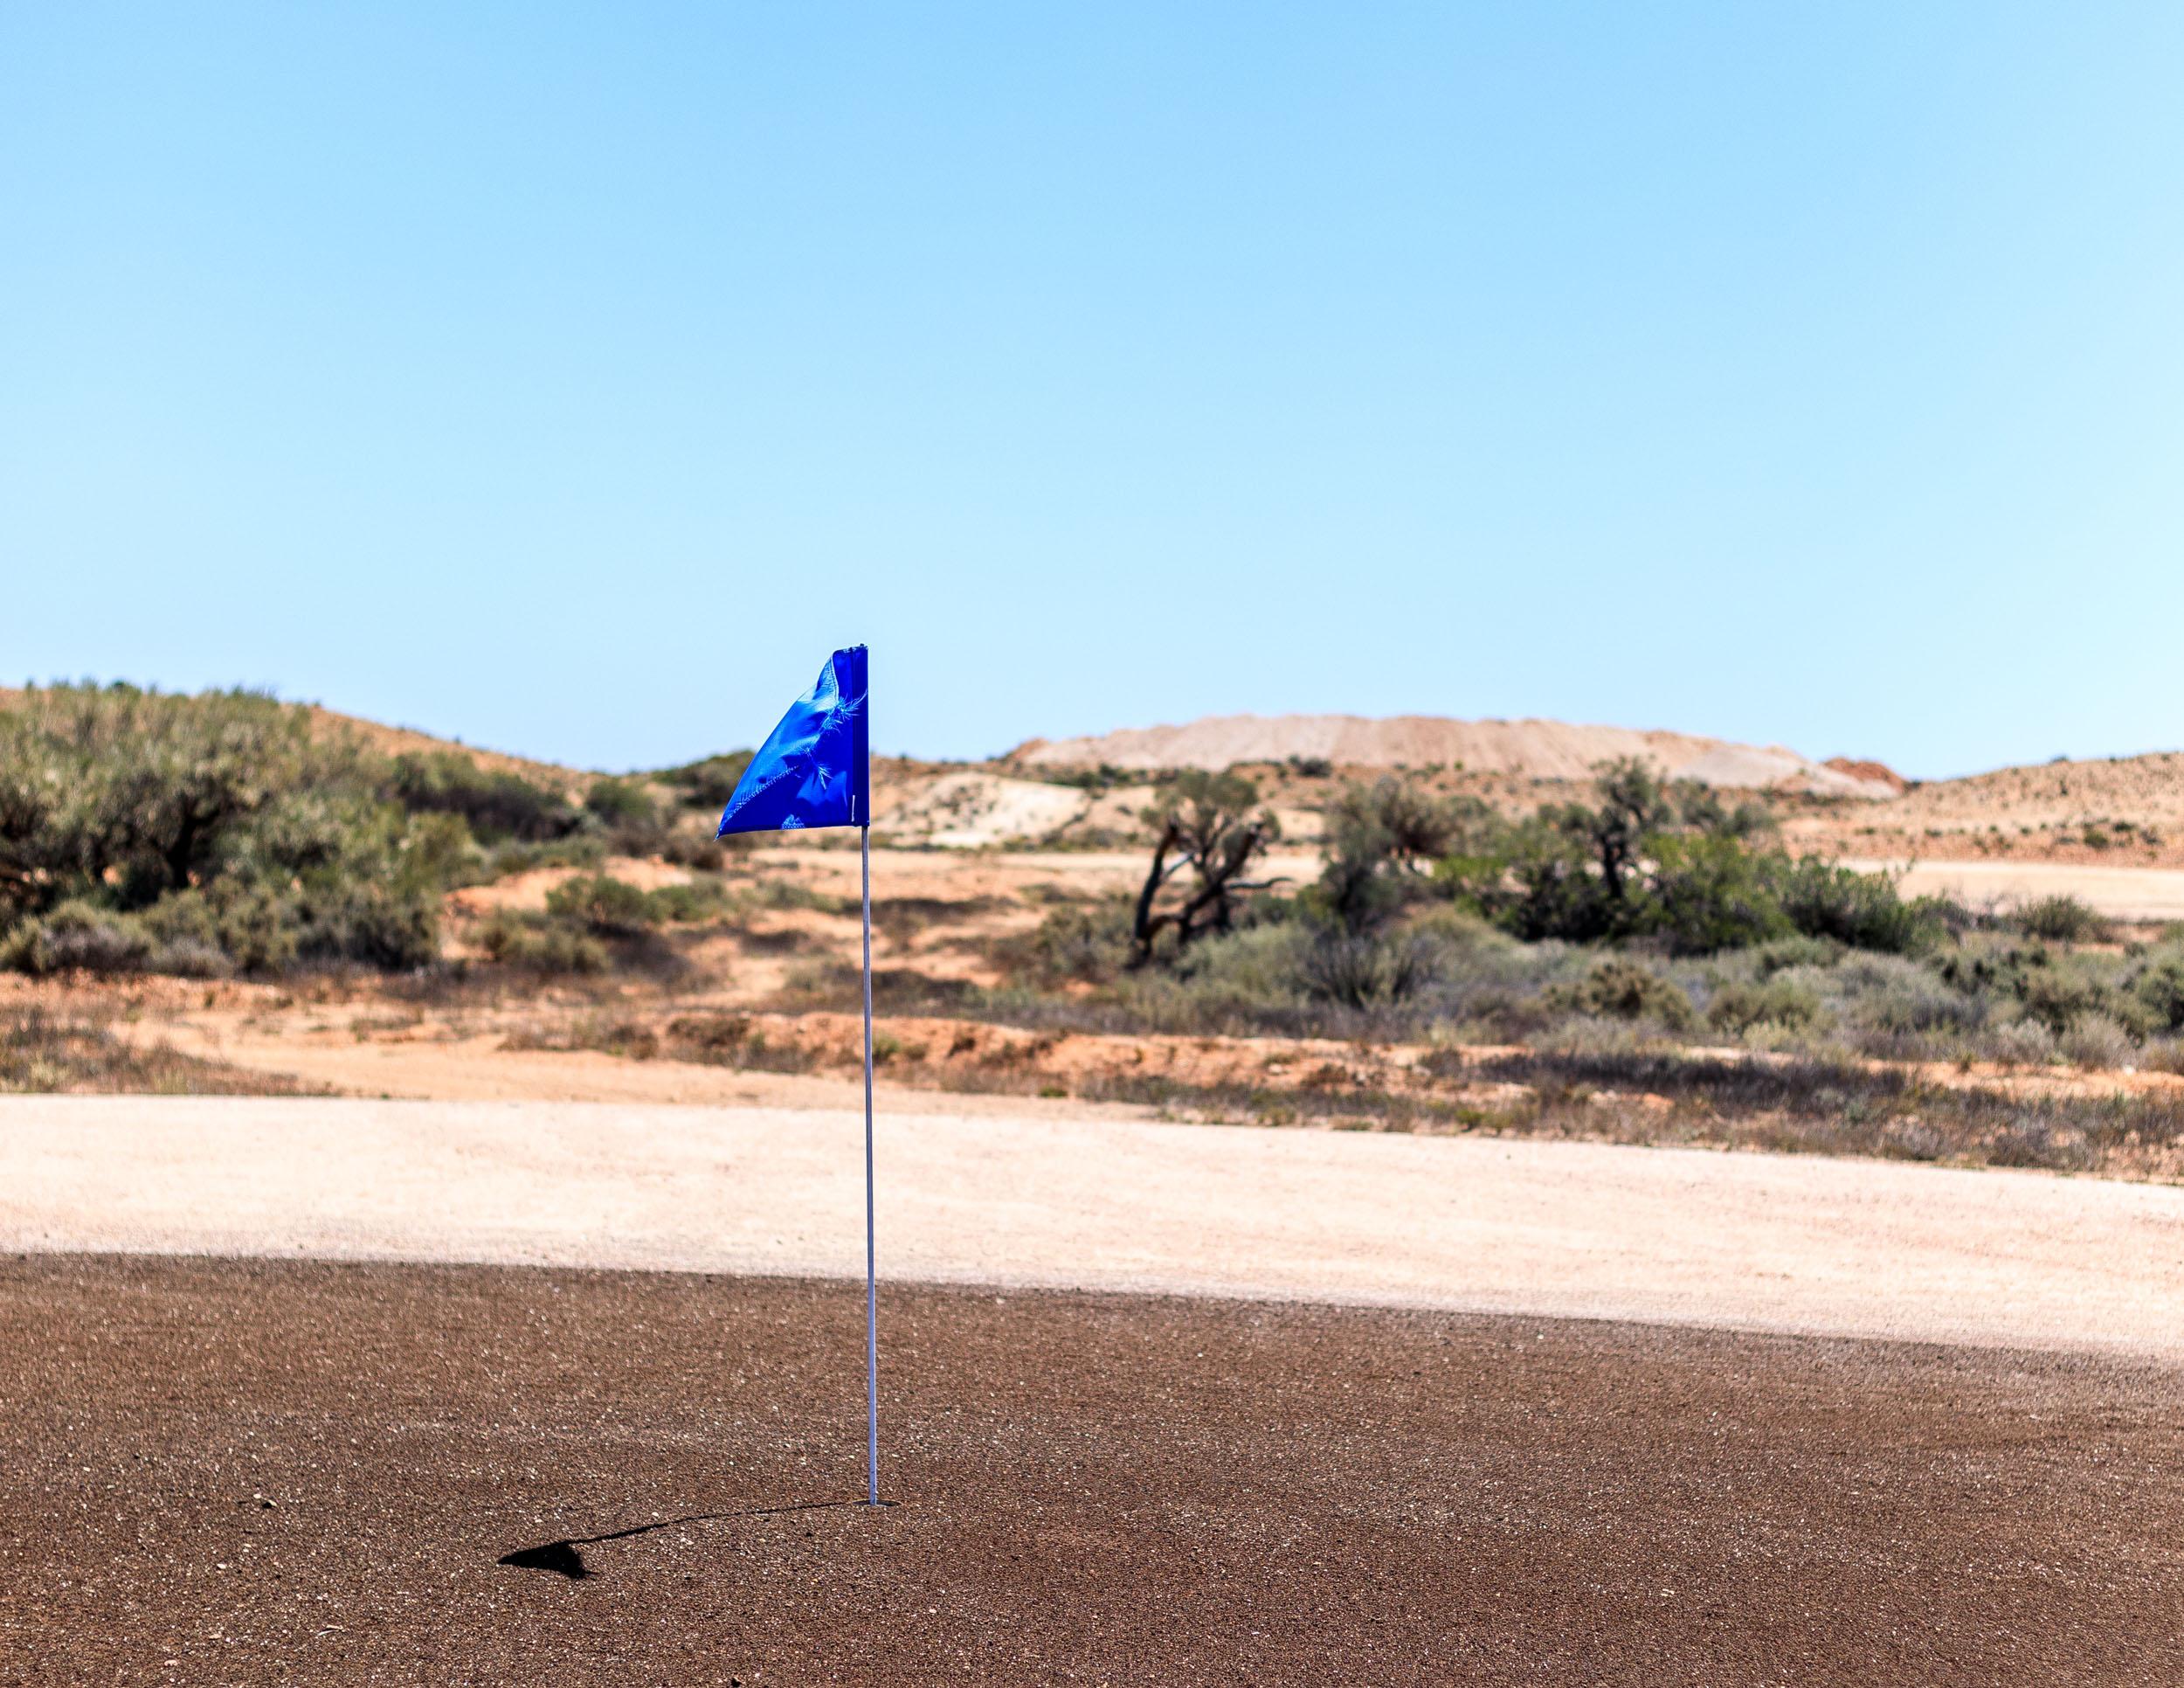 Coober Pedy Golf Course, a course with no grass